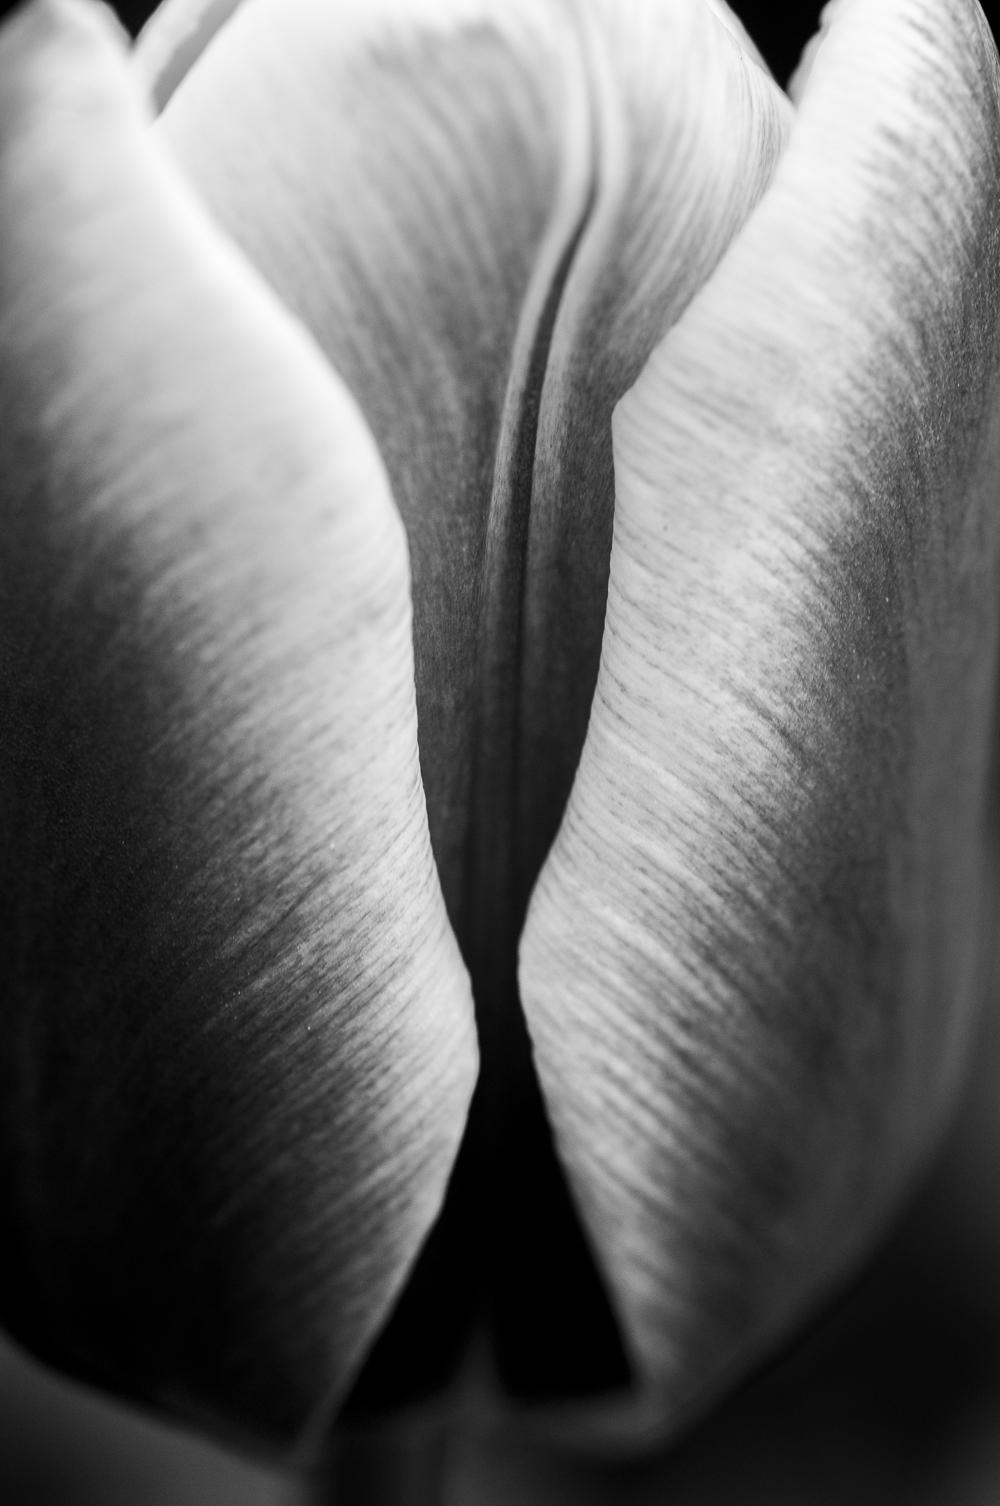 Tulip # 7